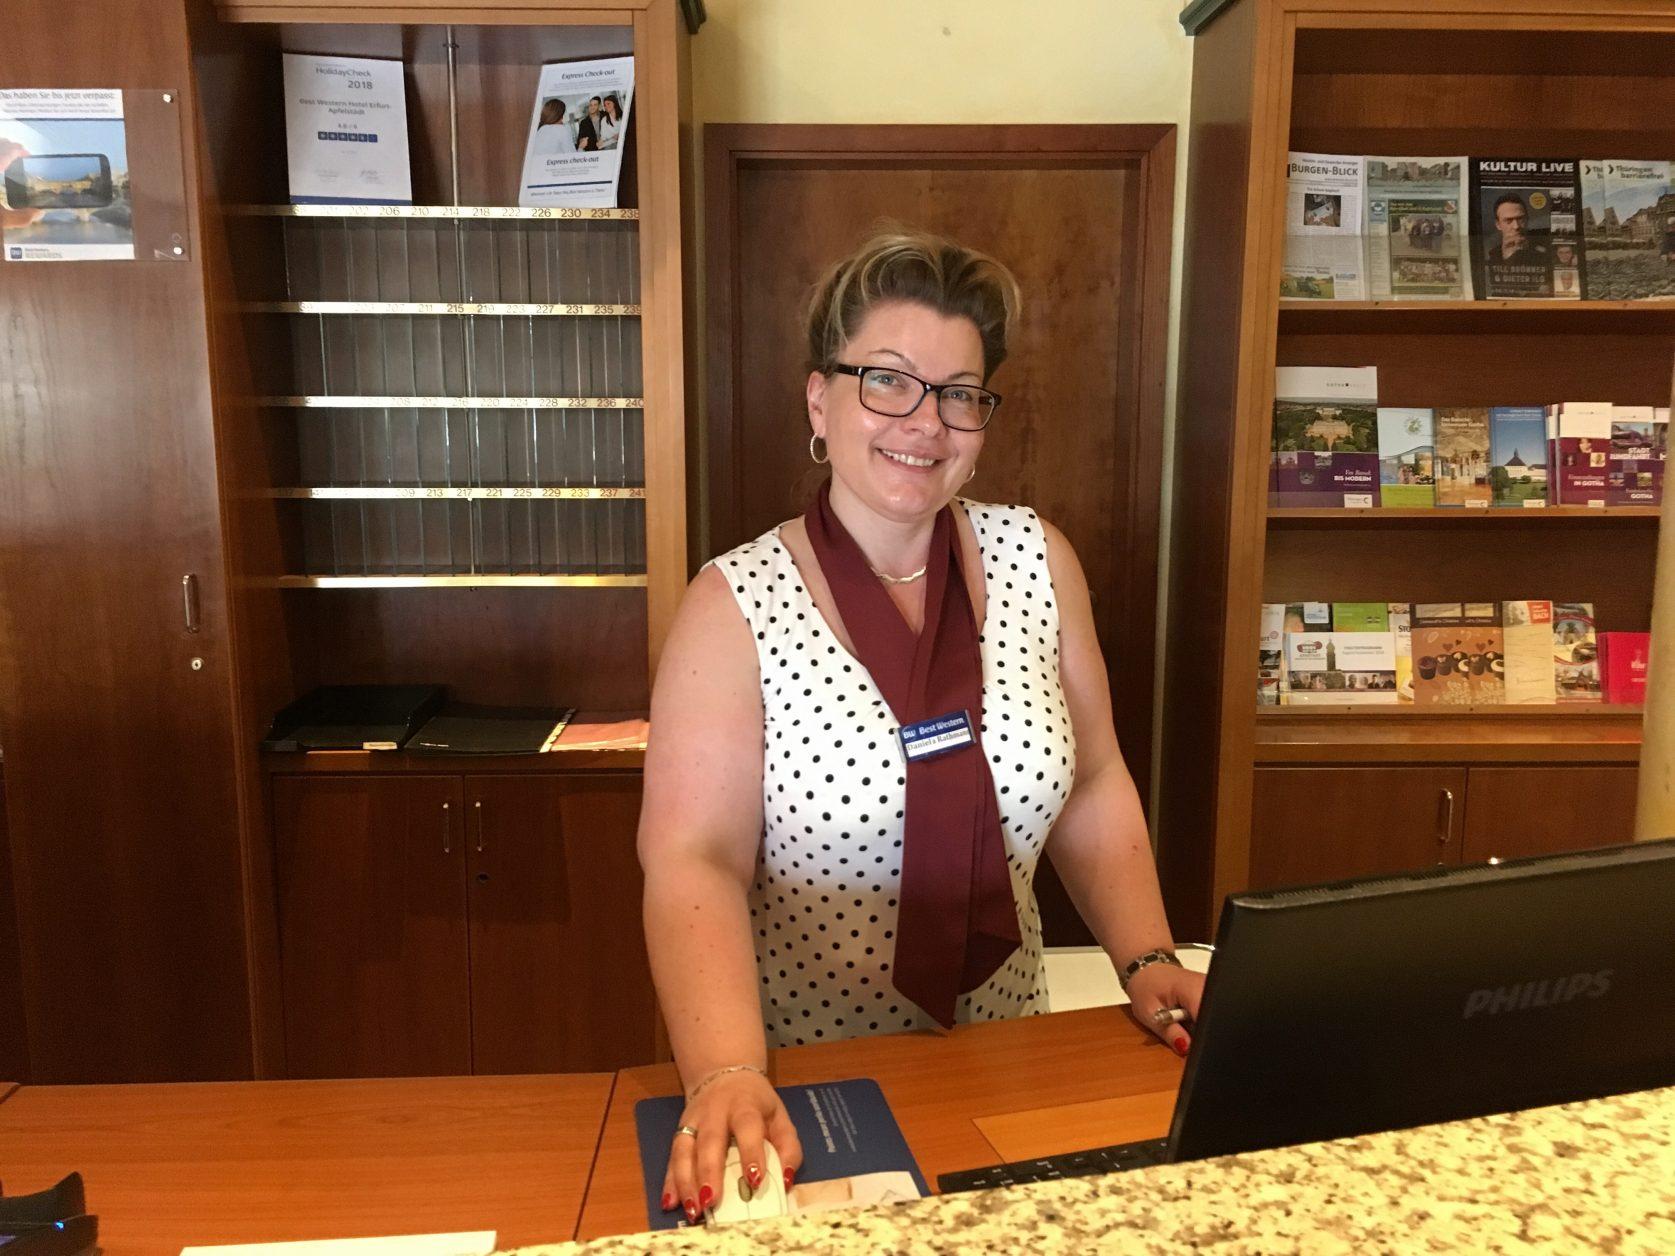 Freundlich und kompetent berät Daniela Rathmann im Best Western hotel Apfelstädt die Gäste, Foto: Weirauch